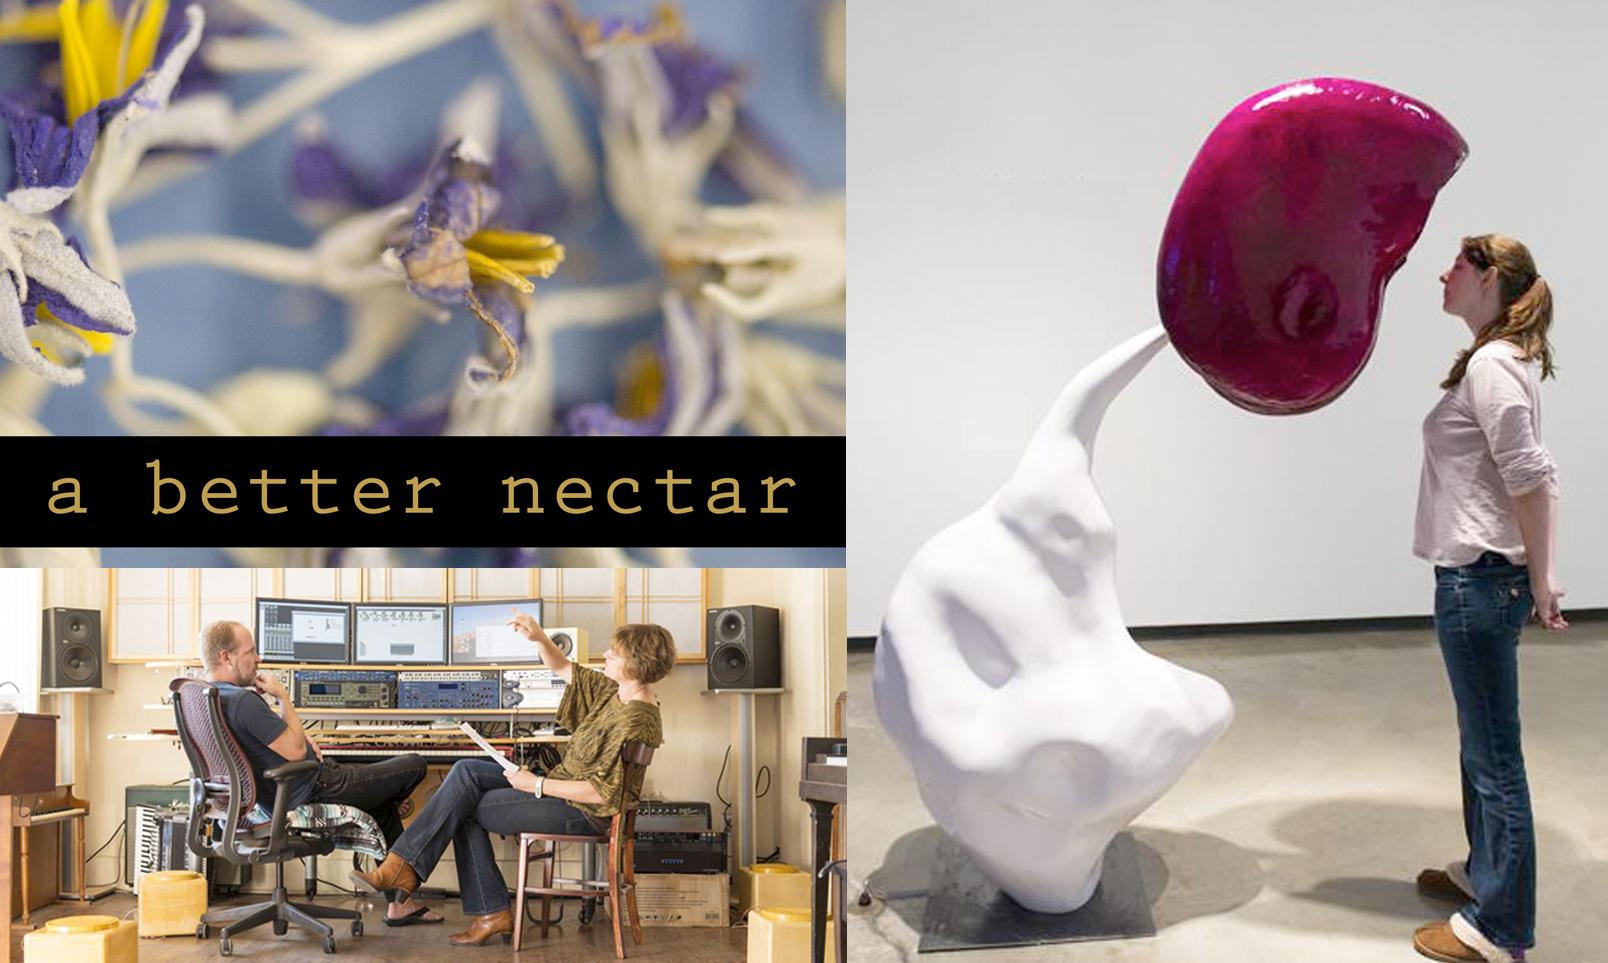 a better nectar exhibit